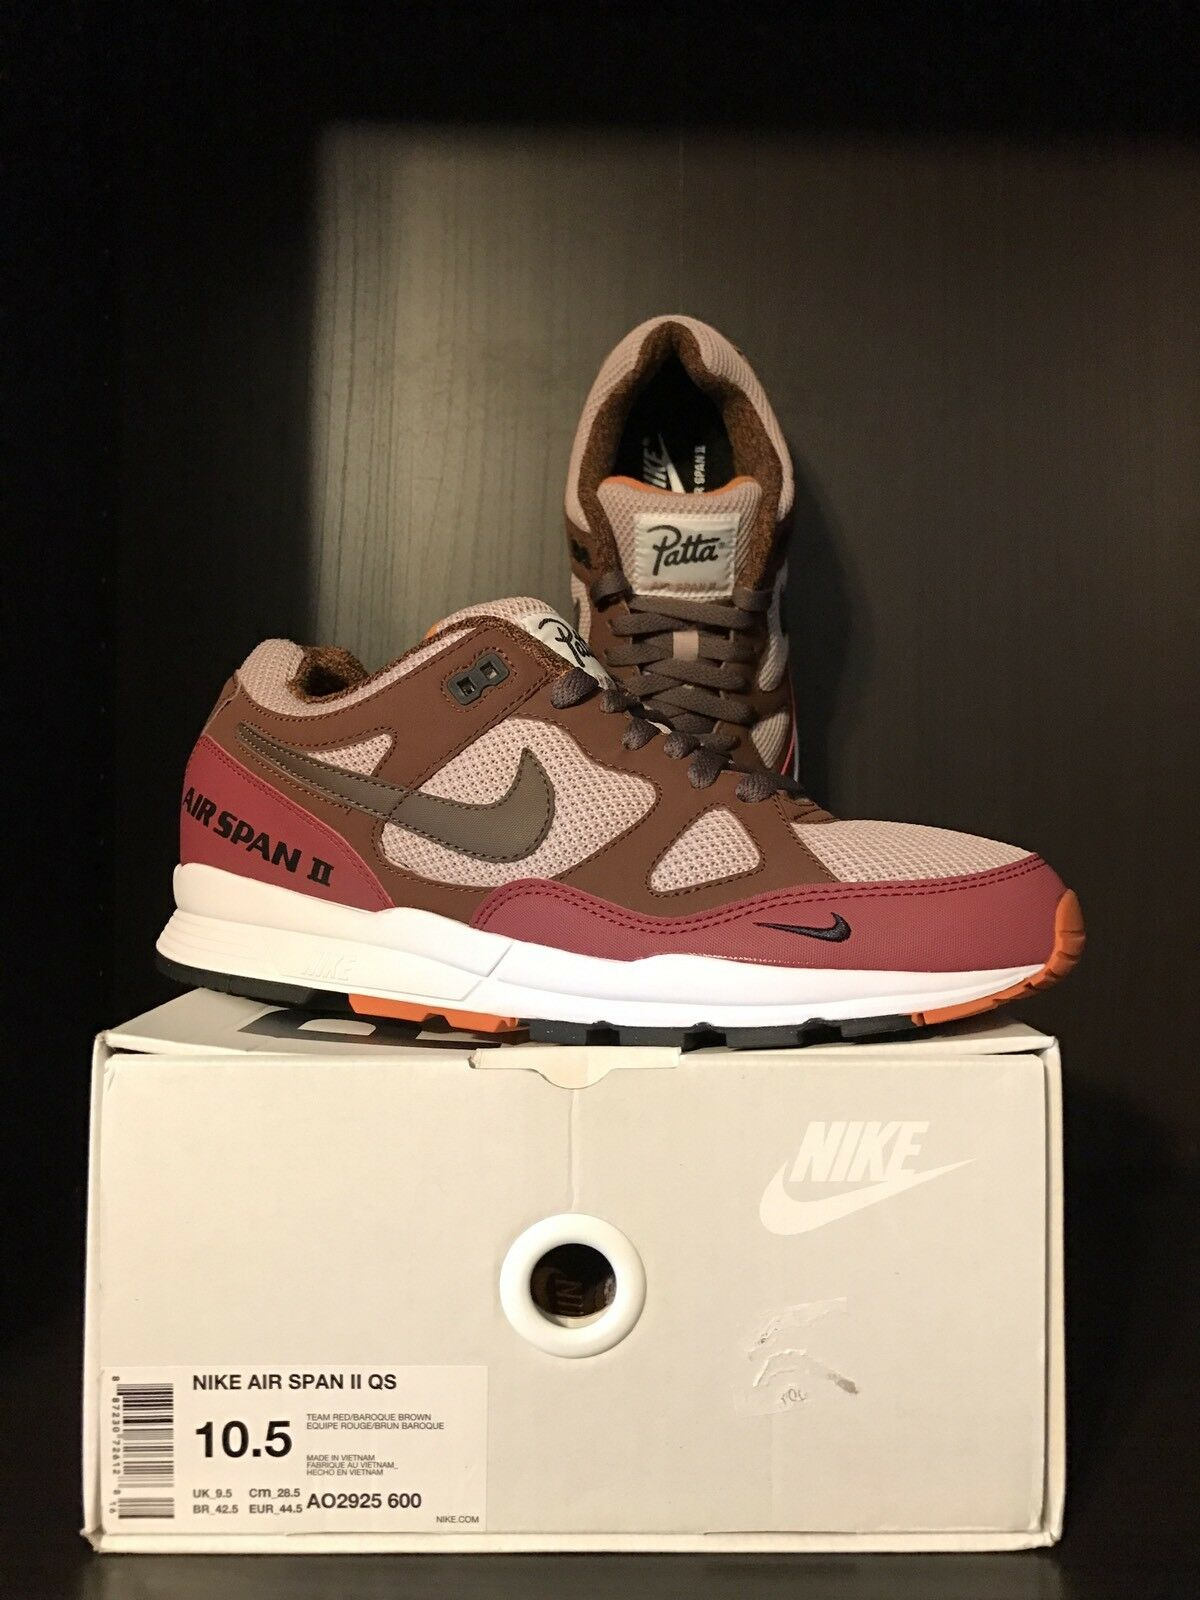 UNRELEASED Patta x Nike Air Span 2 QS   Quickstrike - Size 10.5 - RARE